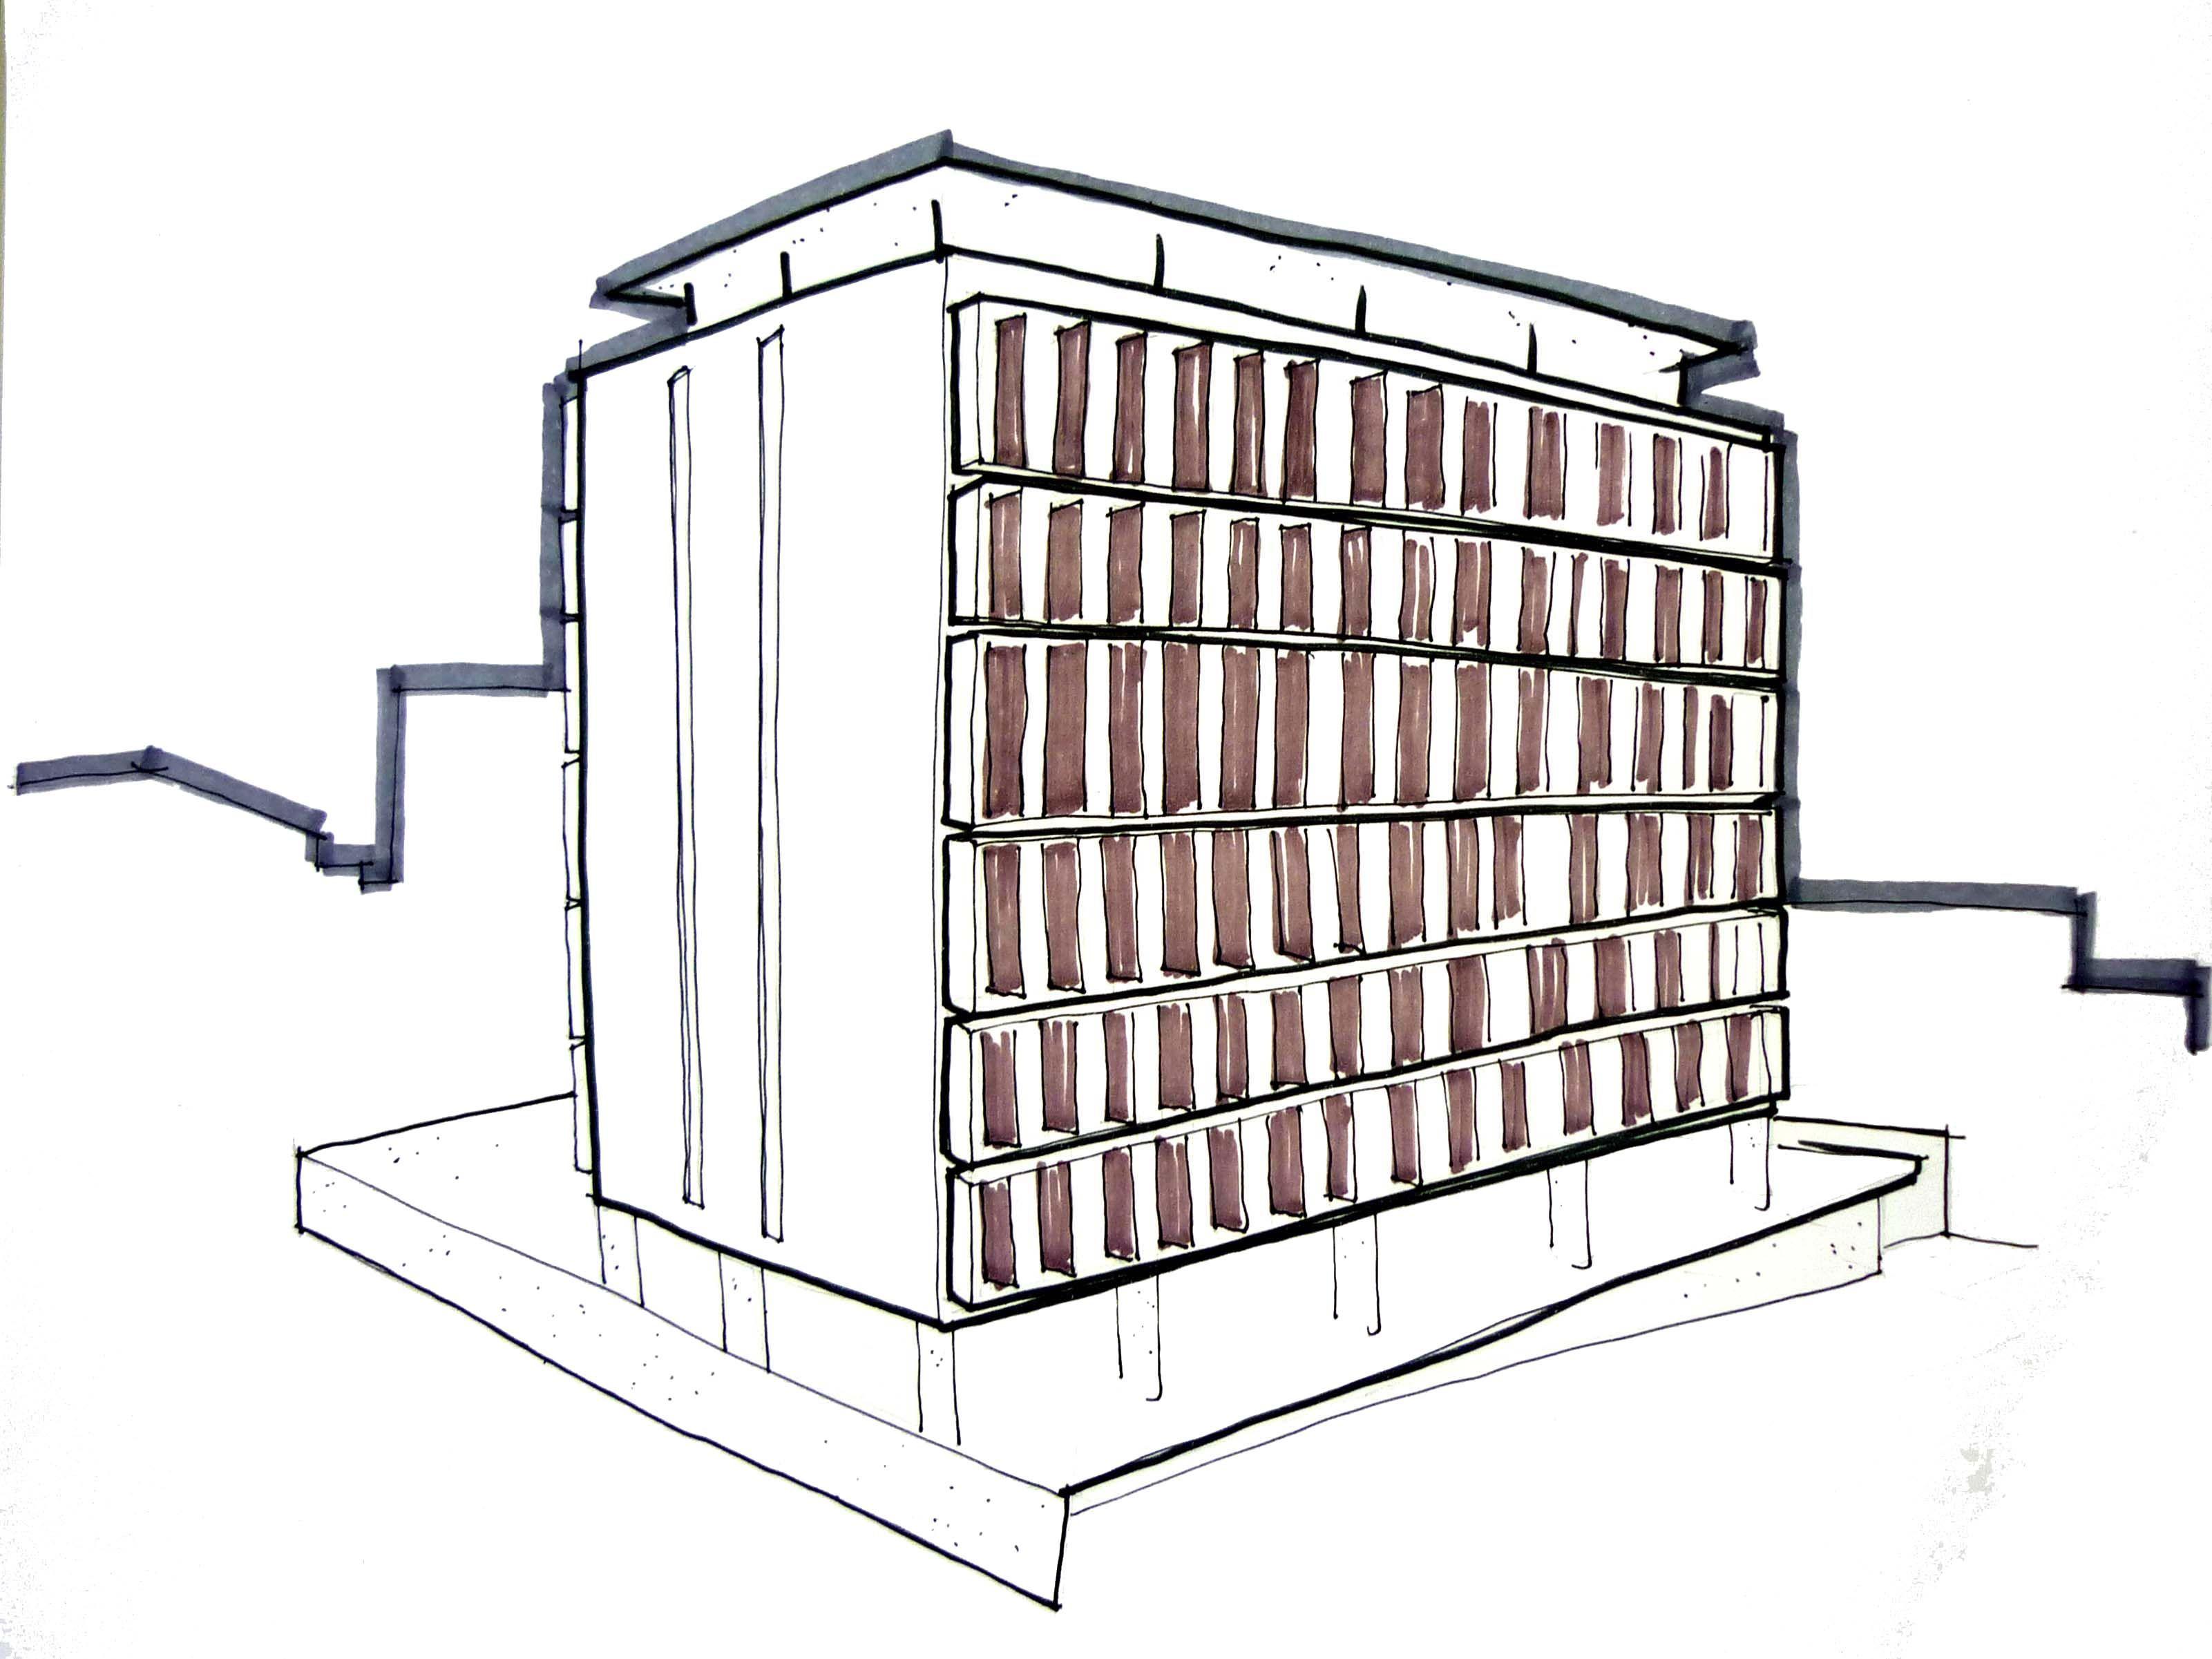 Edifício Residencial - Projeto de Arquitetura 4